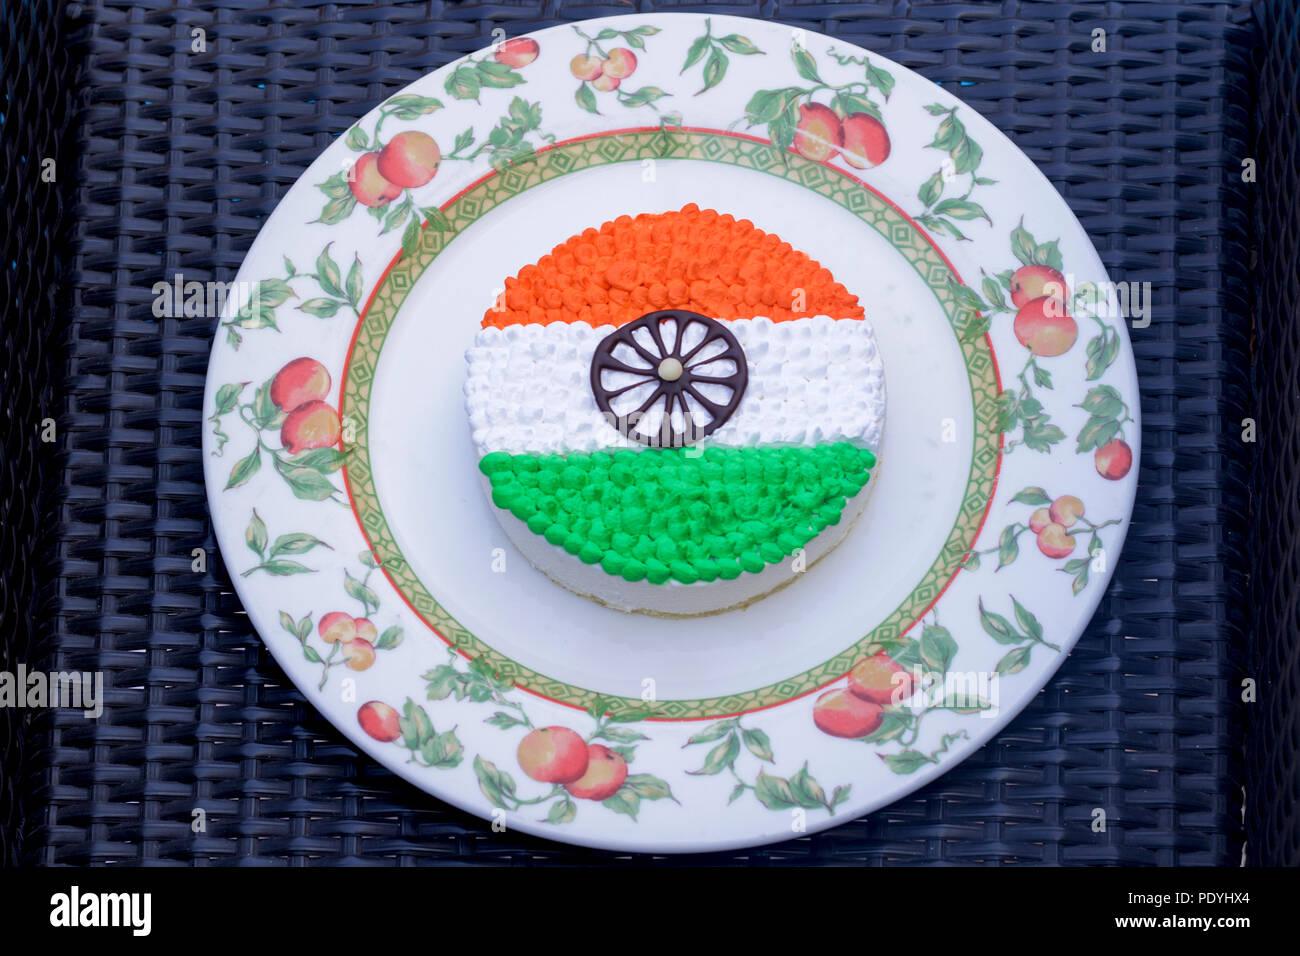 Tri color pastel - - especial del día de la independencia el 15 de agosto Imagen De Stock